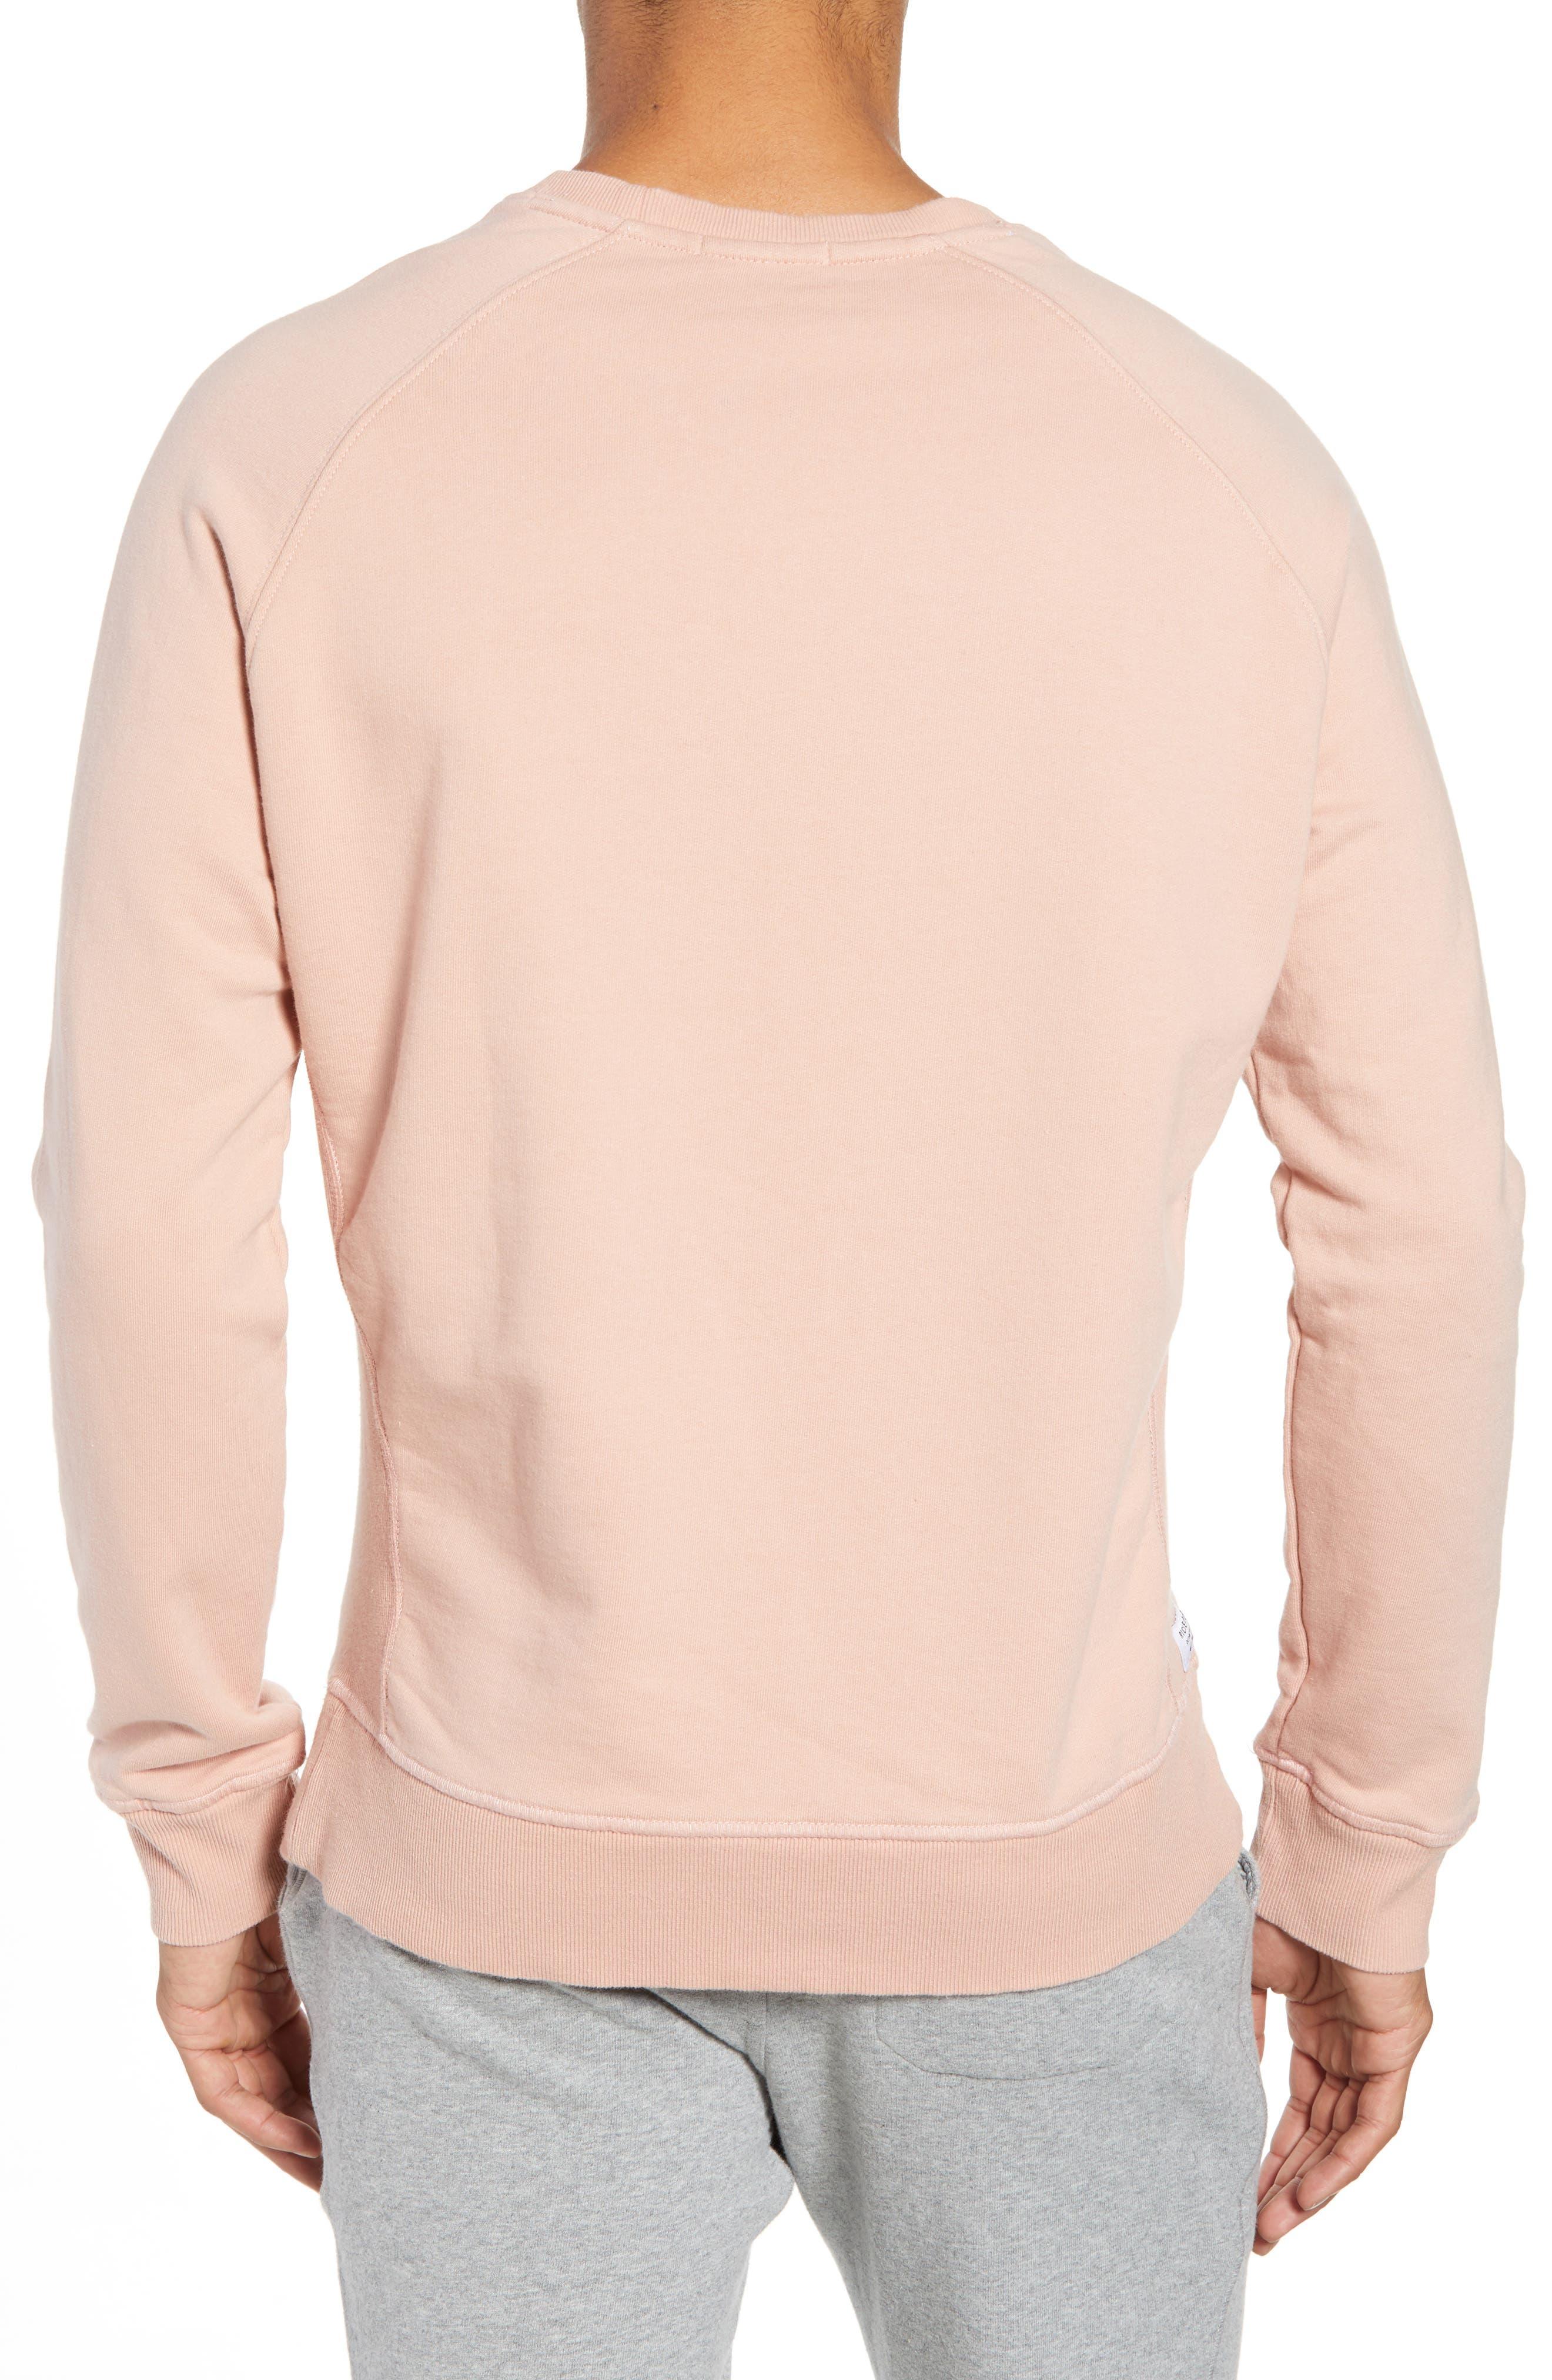 RICHER POORER, Crewneck Cotton Sweatshirt, Alternate thumbnail 2, color, BLUSH